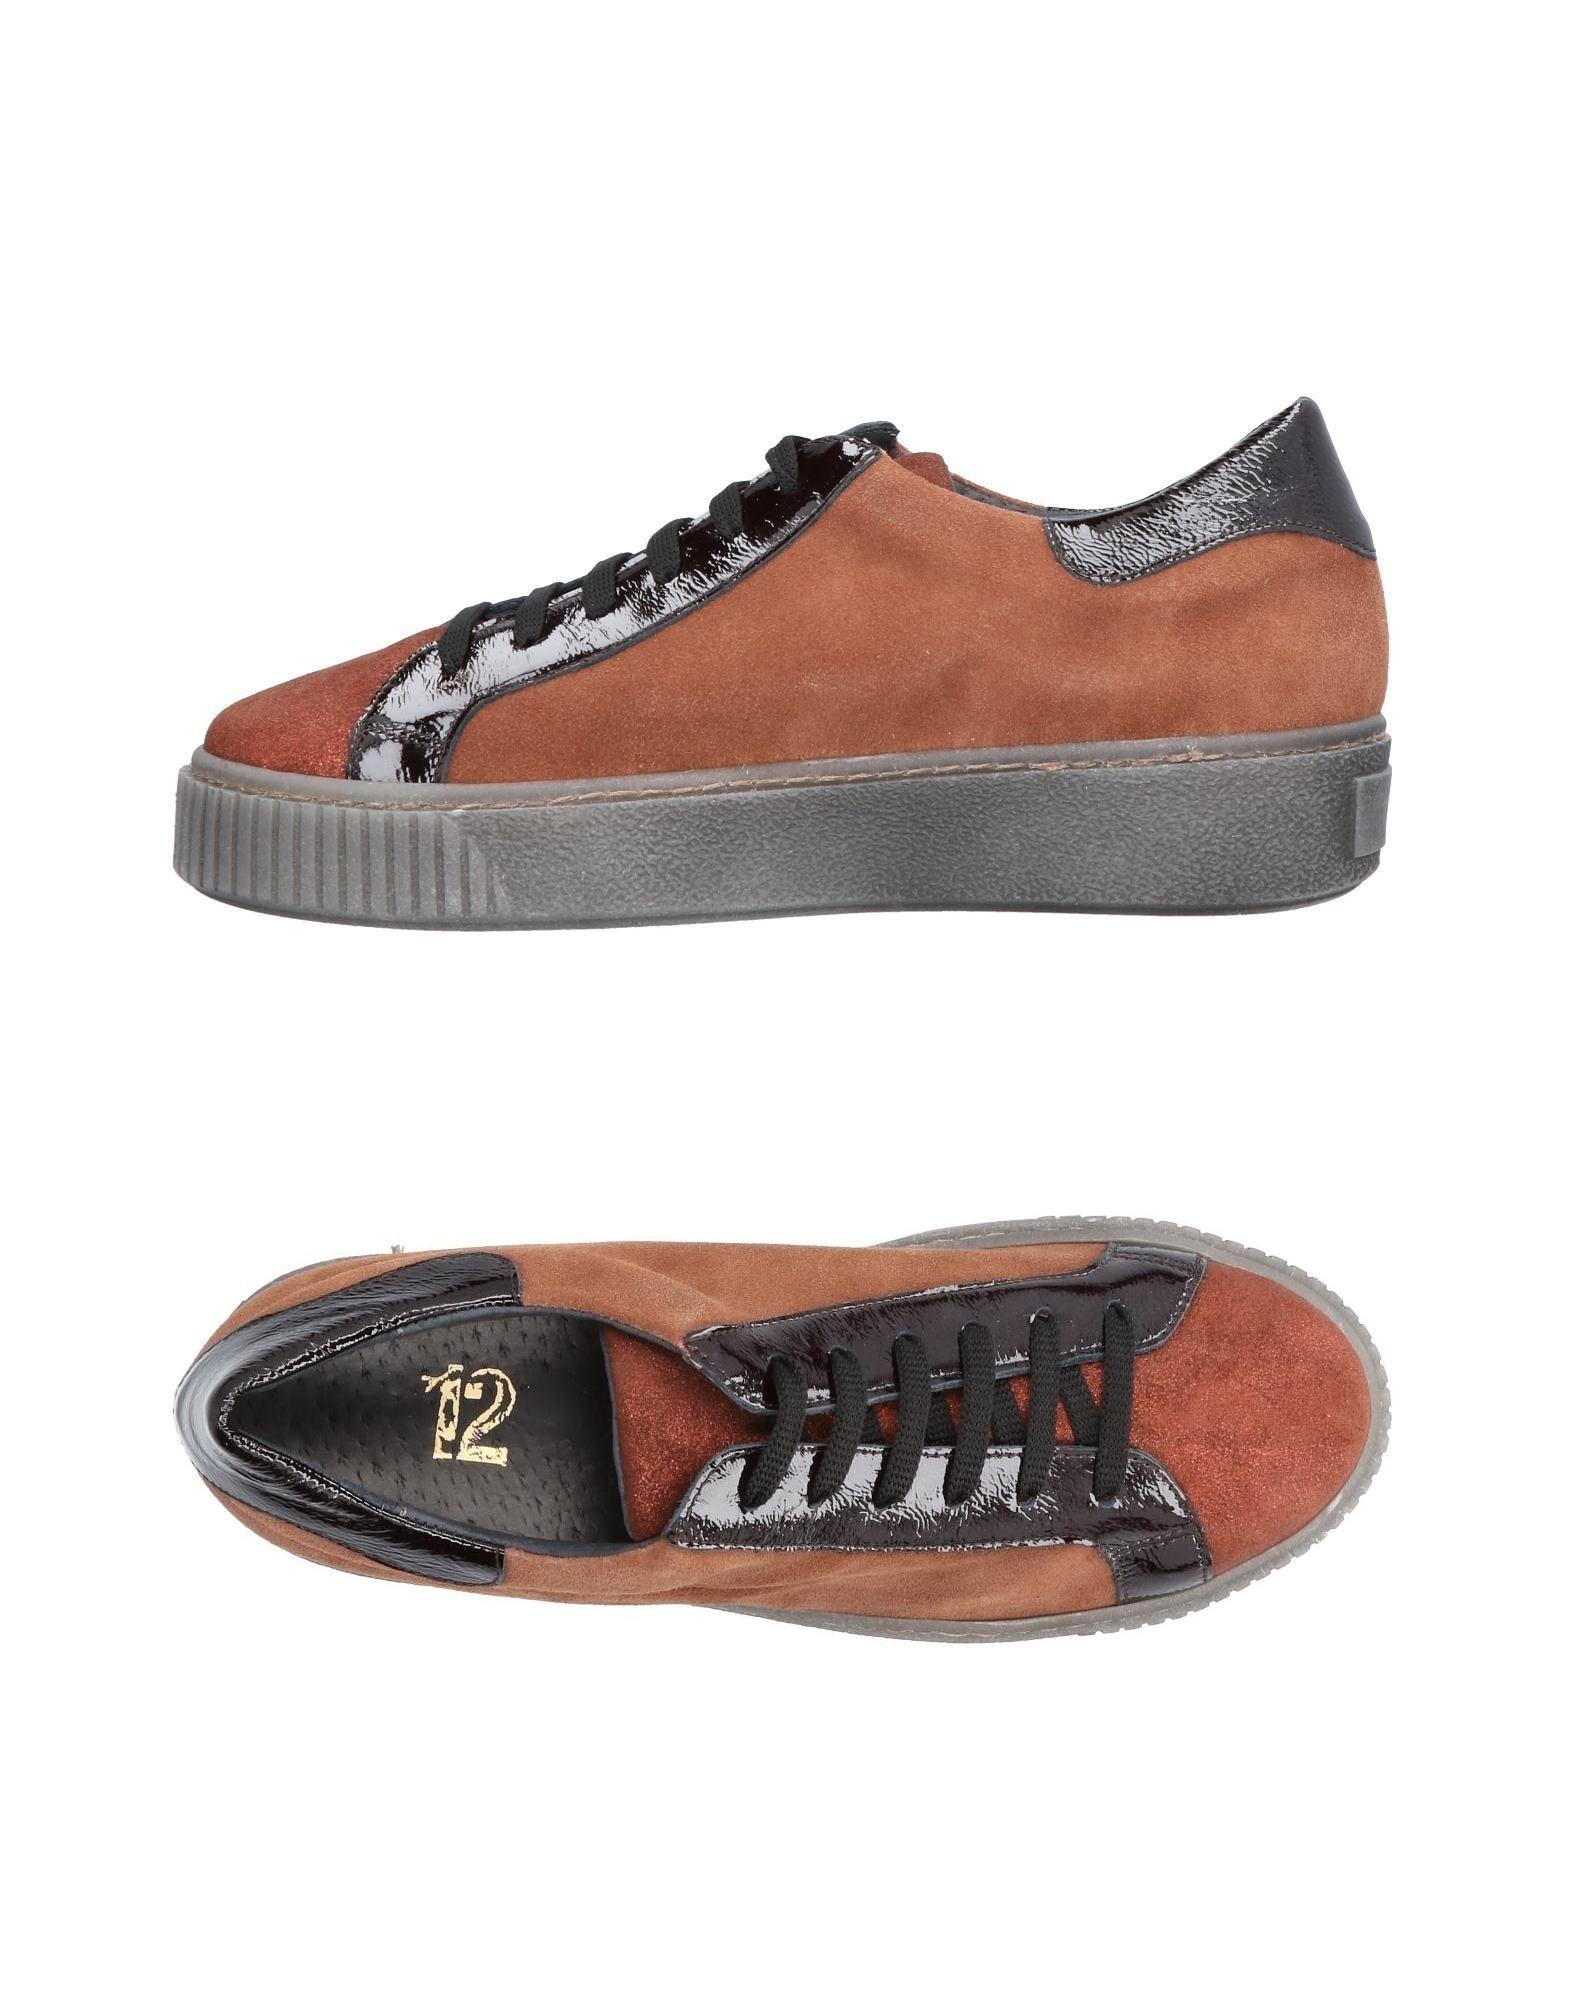 Tsd12 Preis-Leistungs-Verhältnis, Sneakers Damen Gutes Preis-Leistungs-Verhältnis, Tsd12 es lohnt sich 82beee